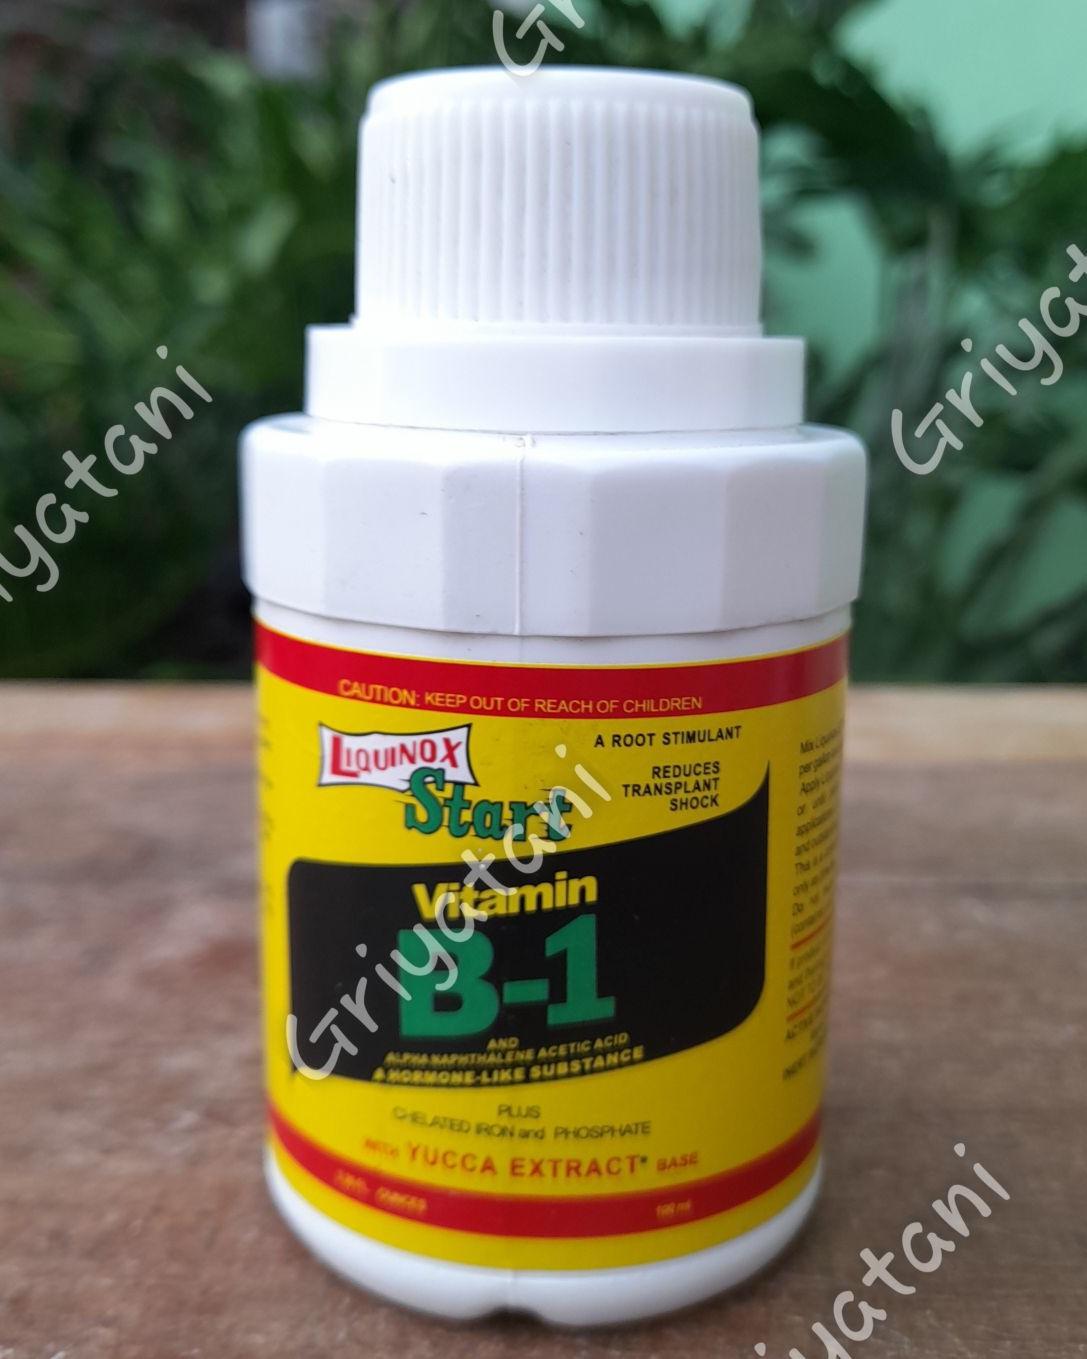 Vitamin b1 lquinox 400